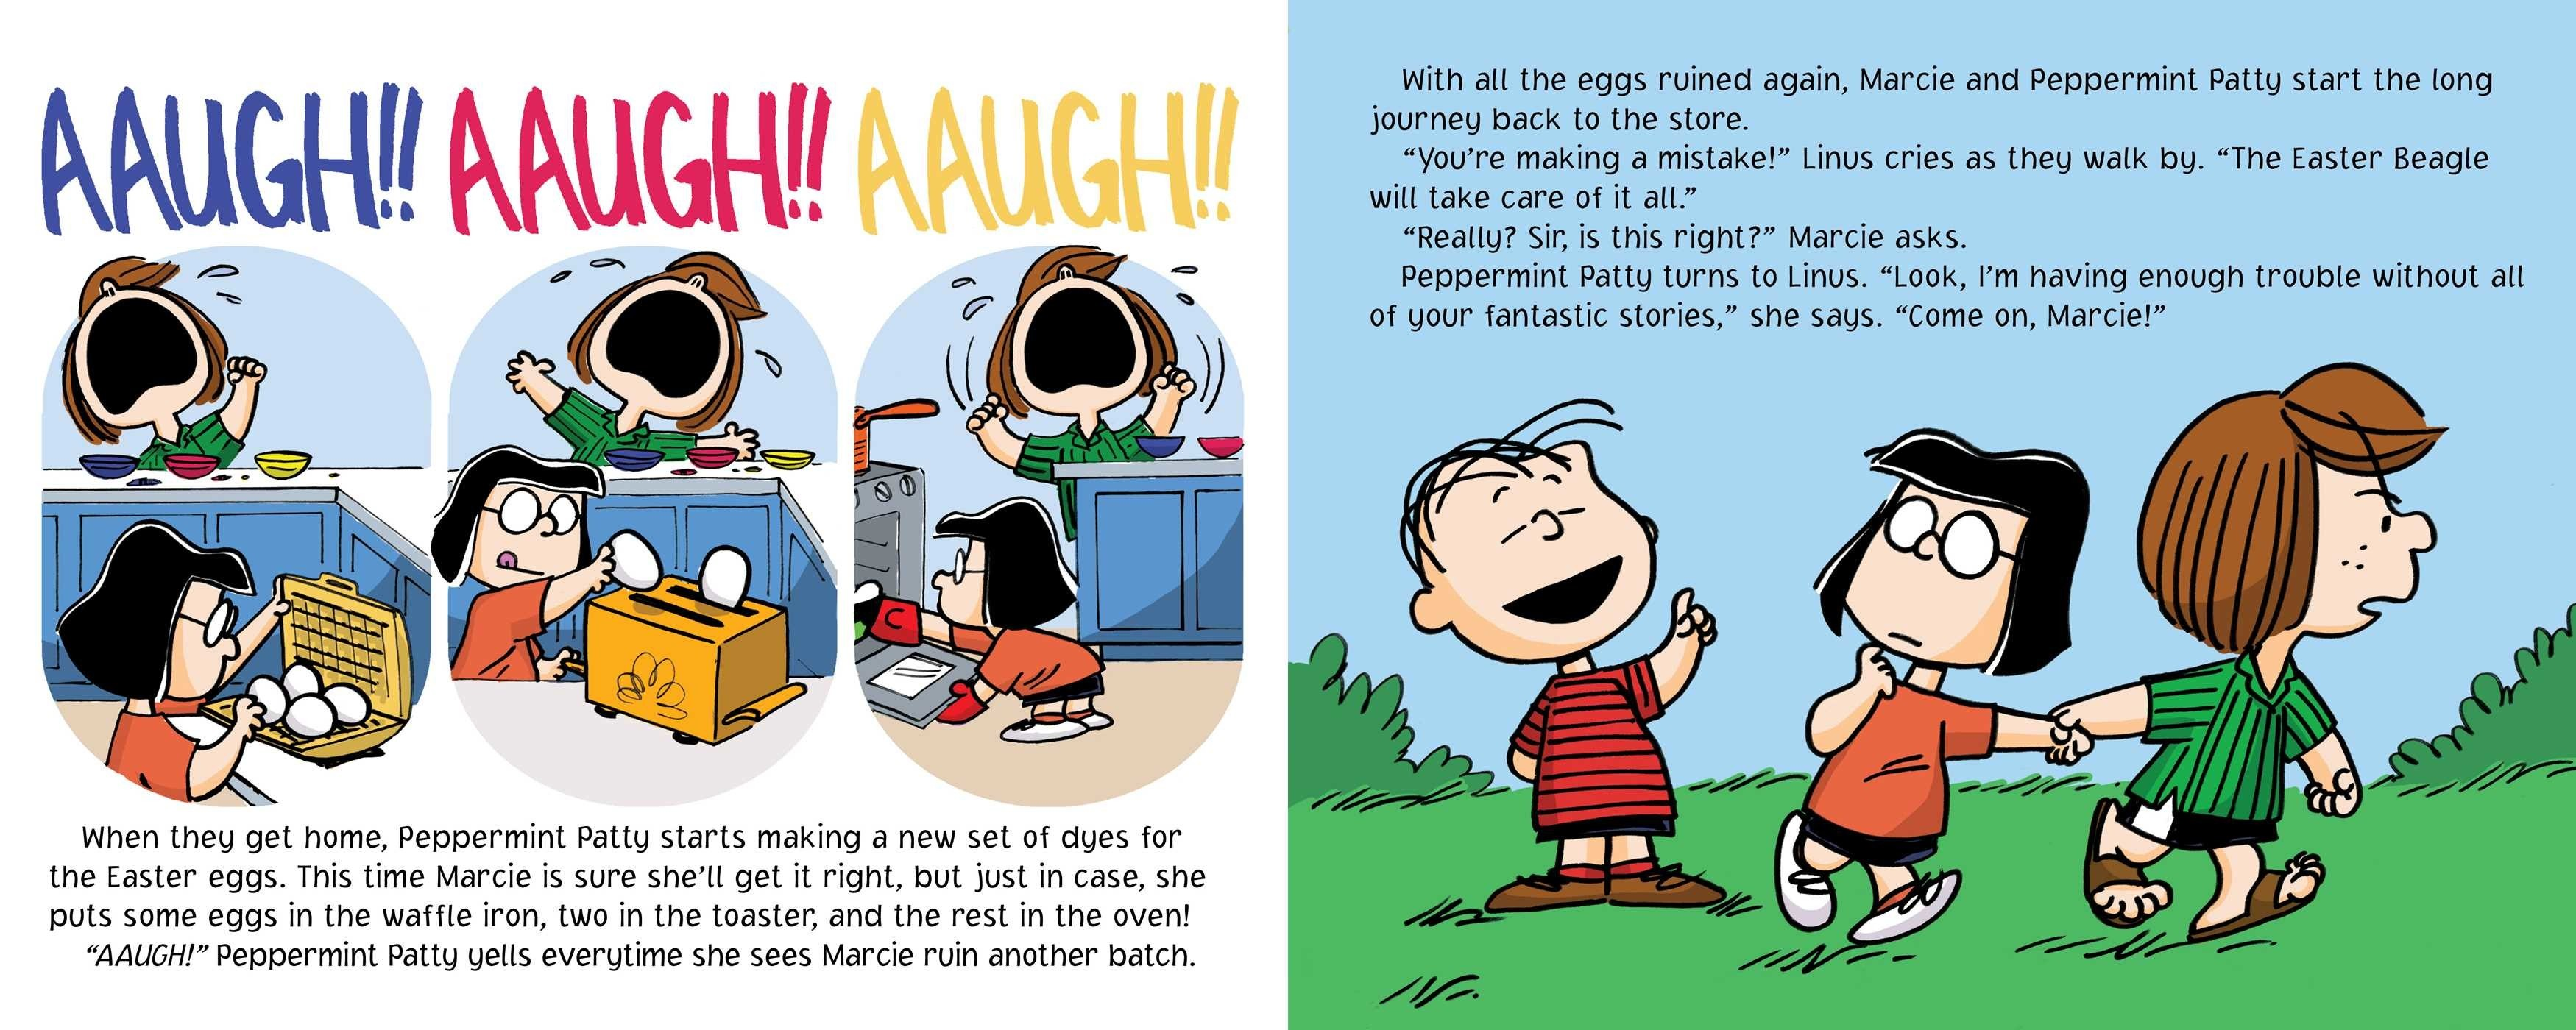 Peanuts Easter Wallpaper